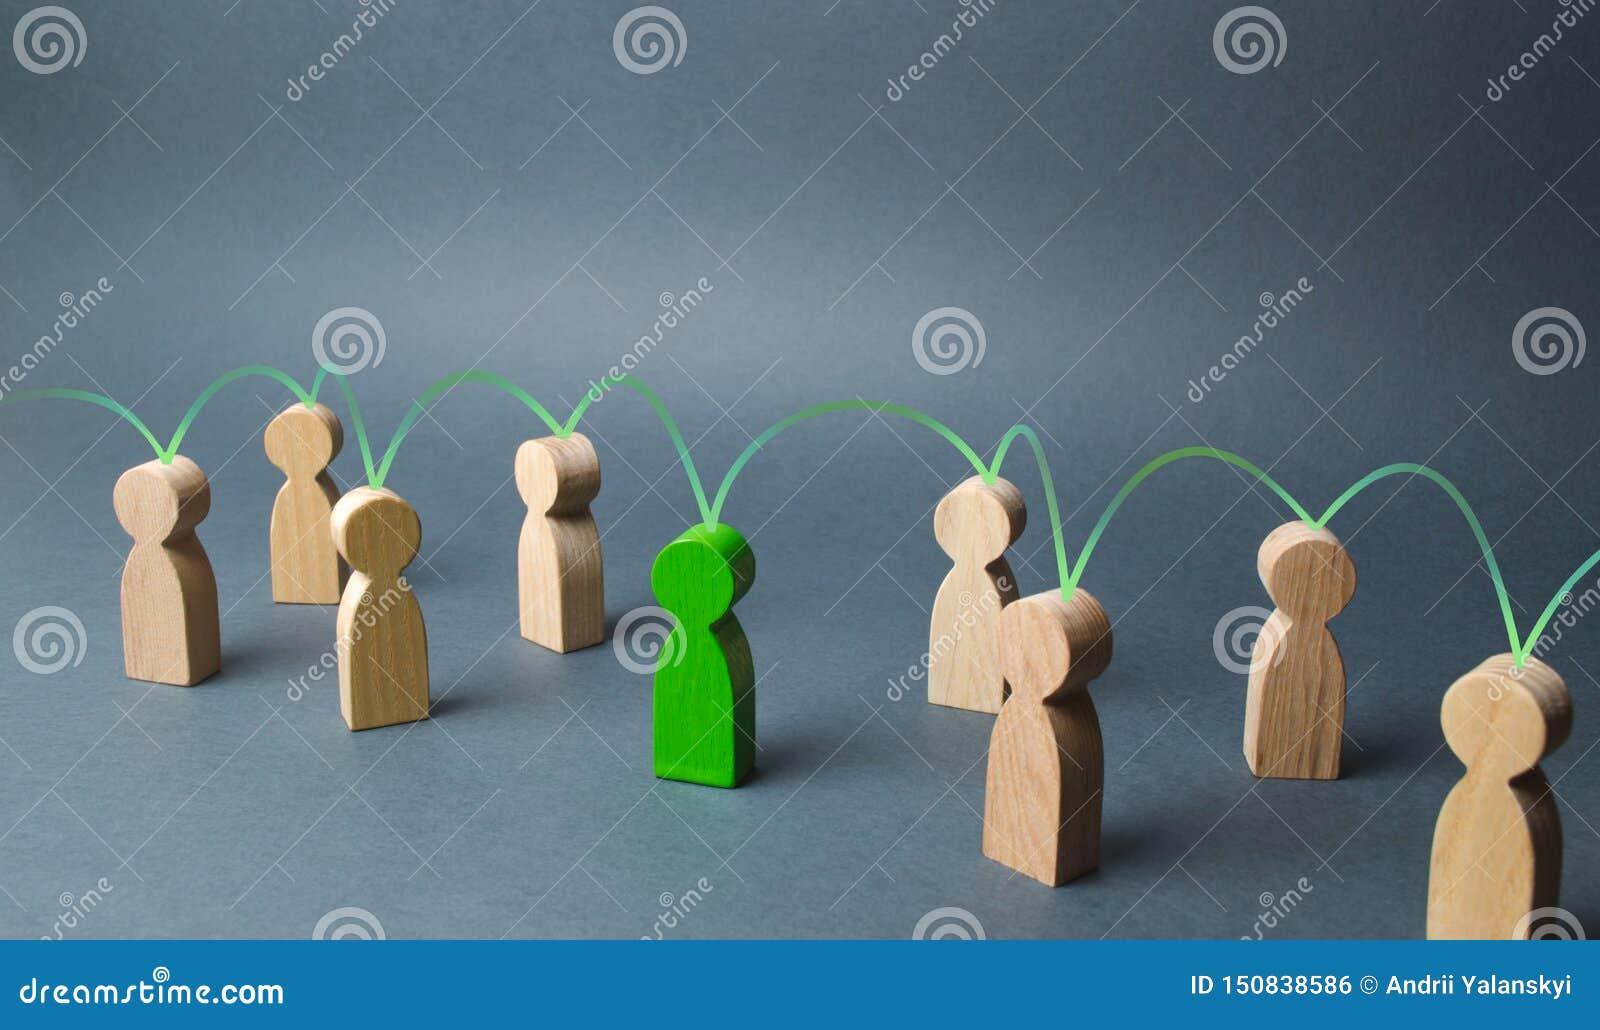 Die grüne Zahl einer Person vereinigt andere Leute um ihn Sozialverbindungen, Kommunikation organisation Anruf für die Zusammenar